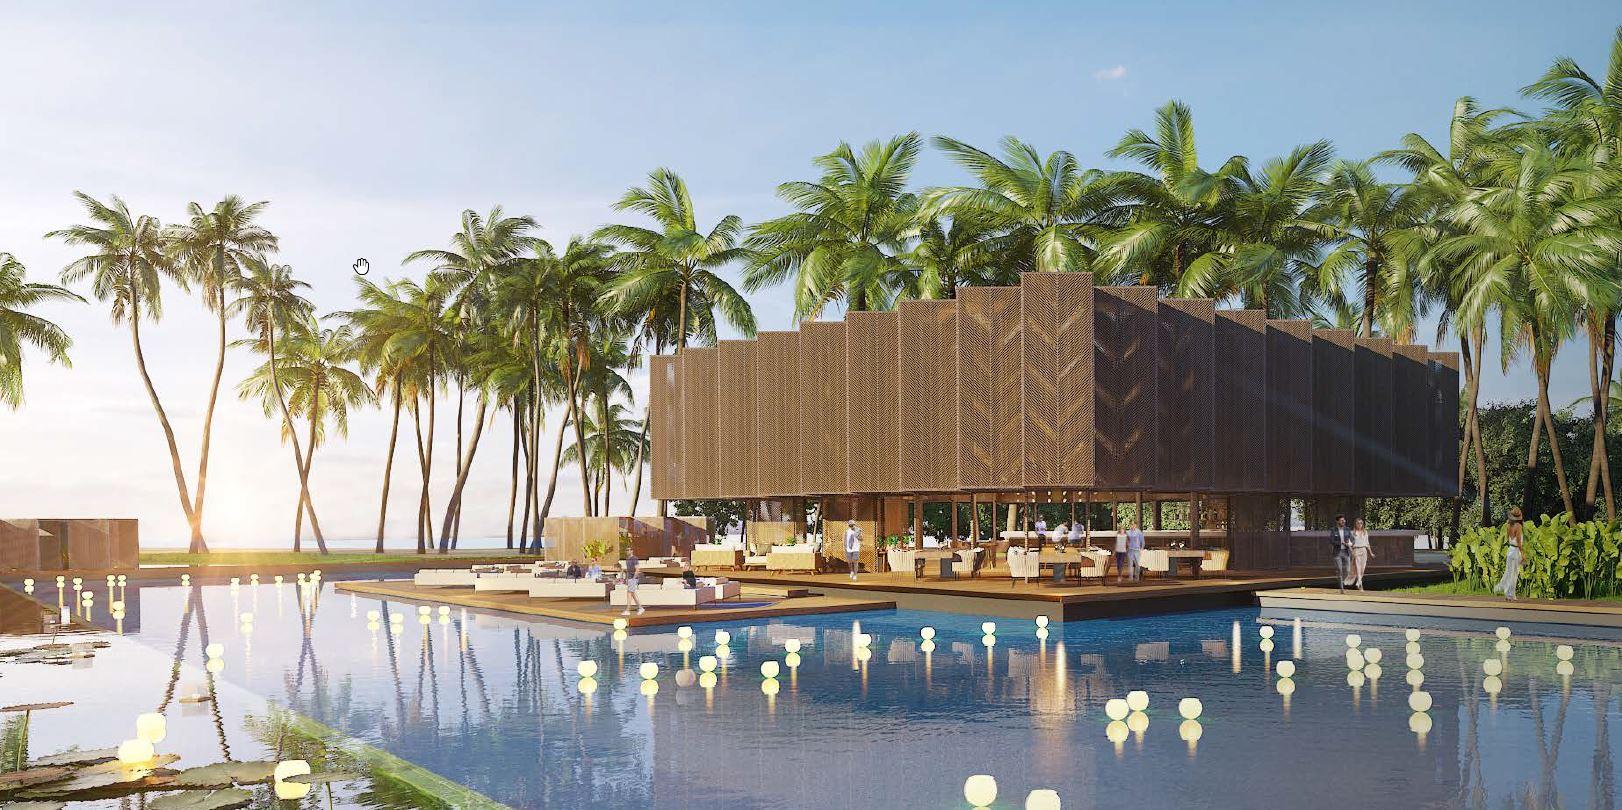 boydens-XUAN PHU HAI HOTEL & RESORT – QUANG NAM PROVINCE